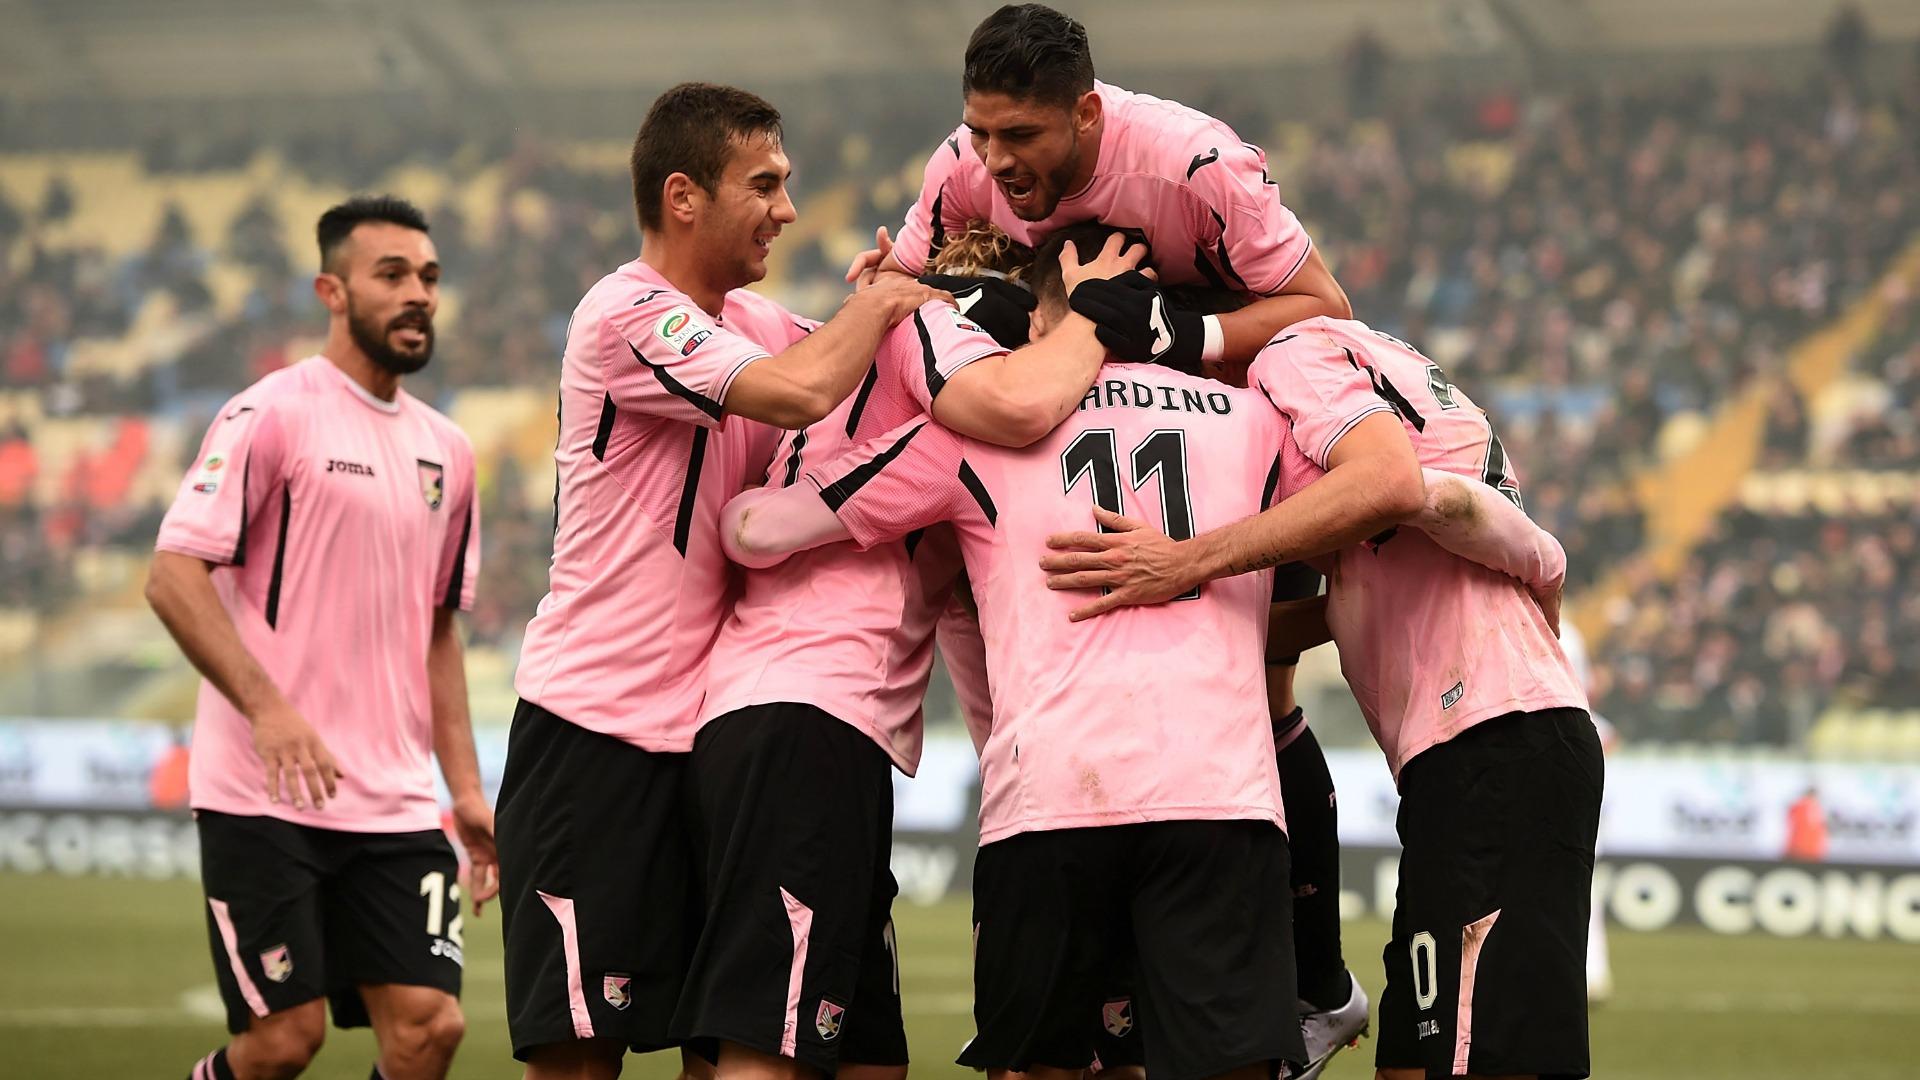 Video: Carpi vs Palermo